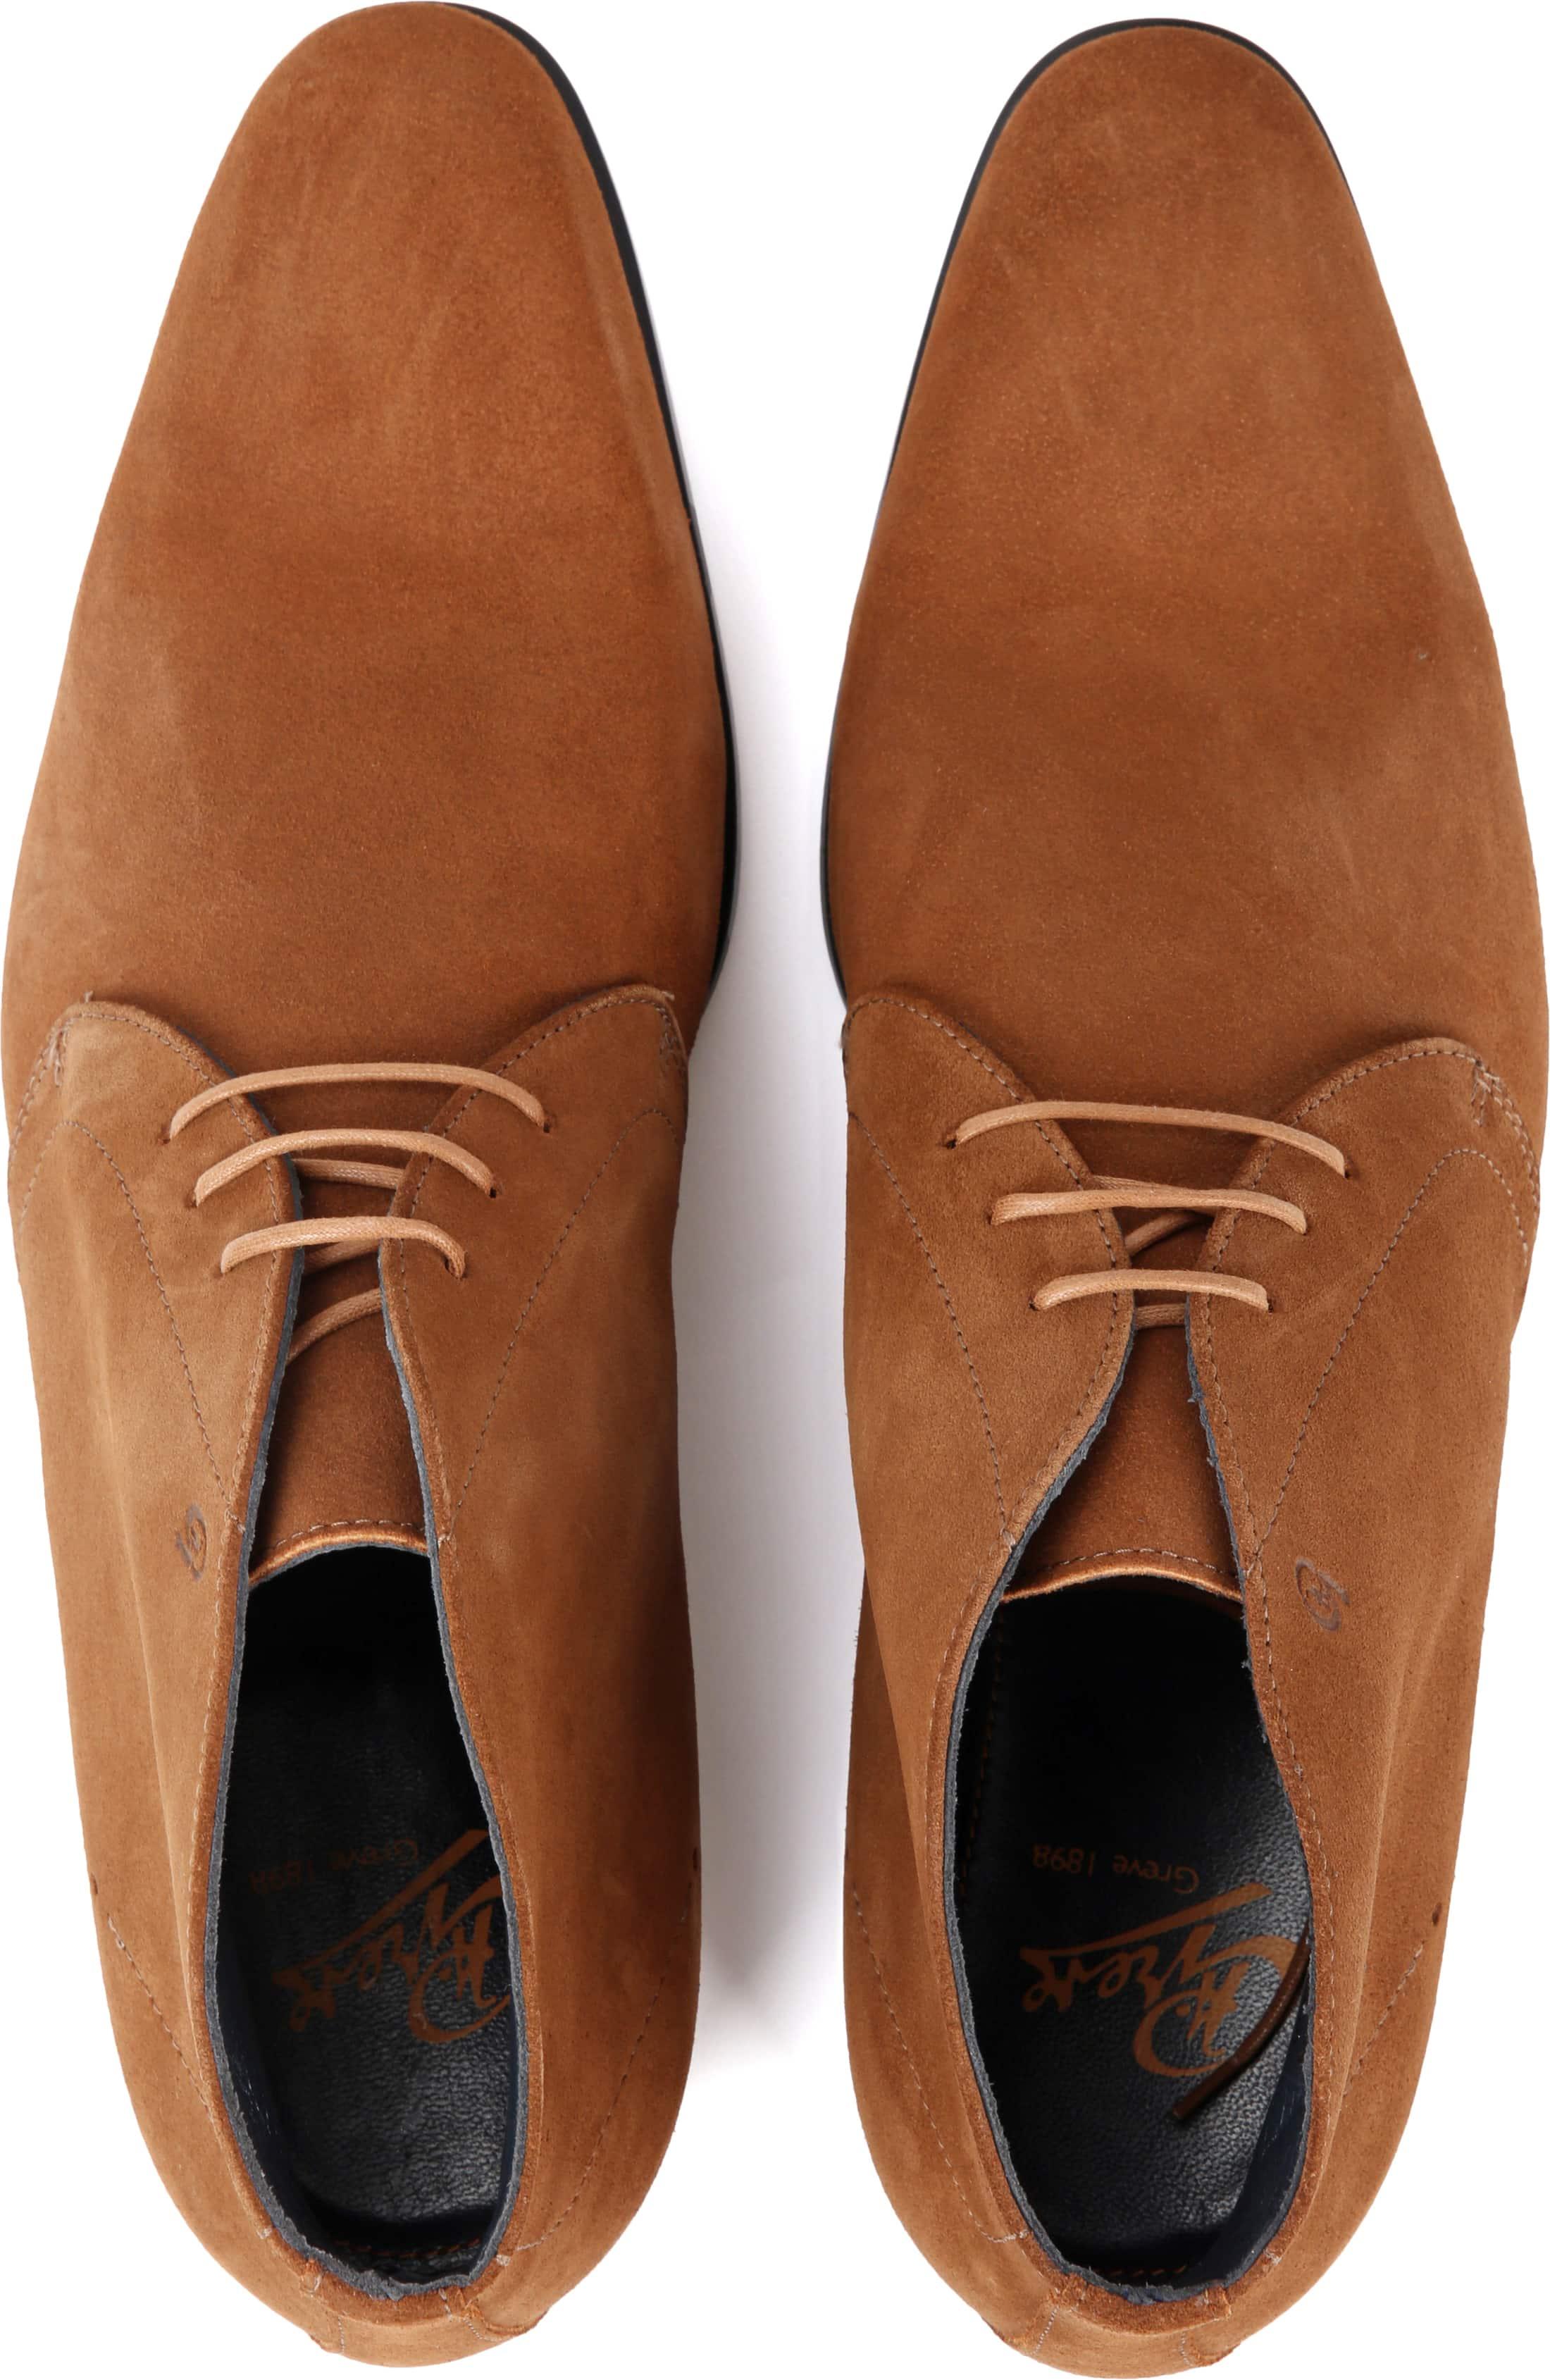 greve schoenen utrecht